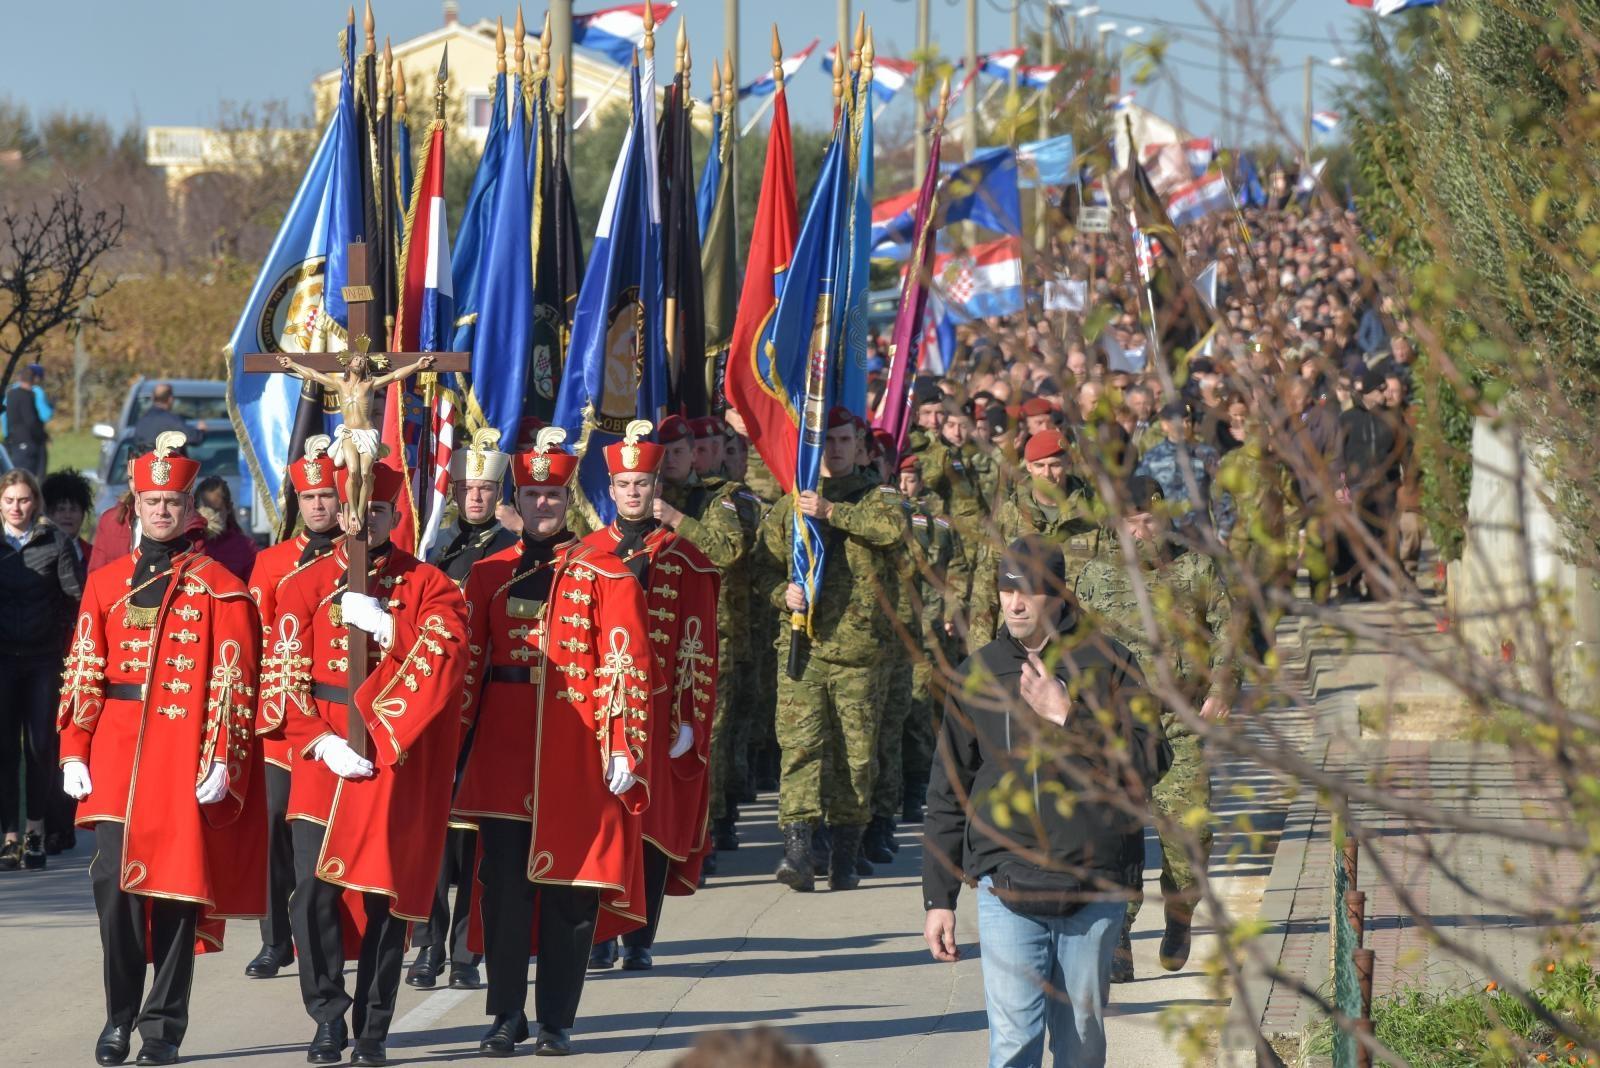 ŠKABRNJA Više od 15 000 ljudi u koloni sjećanja